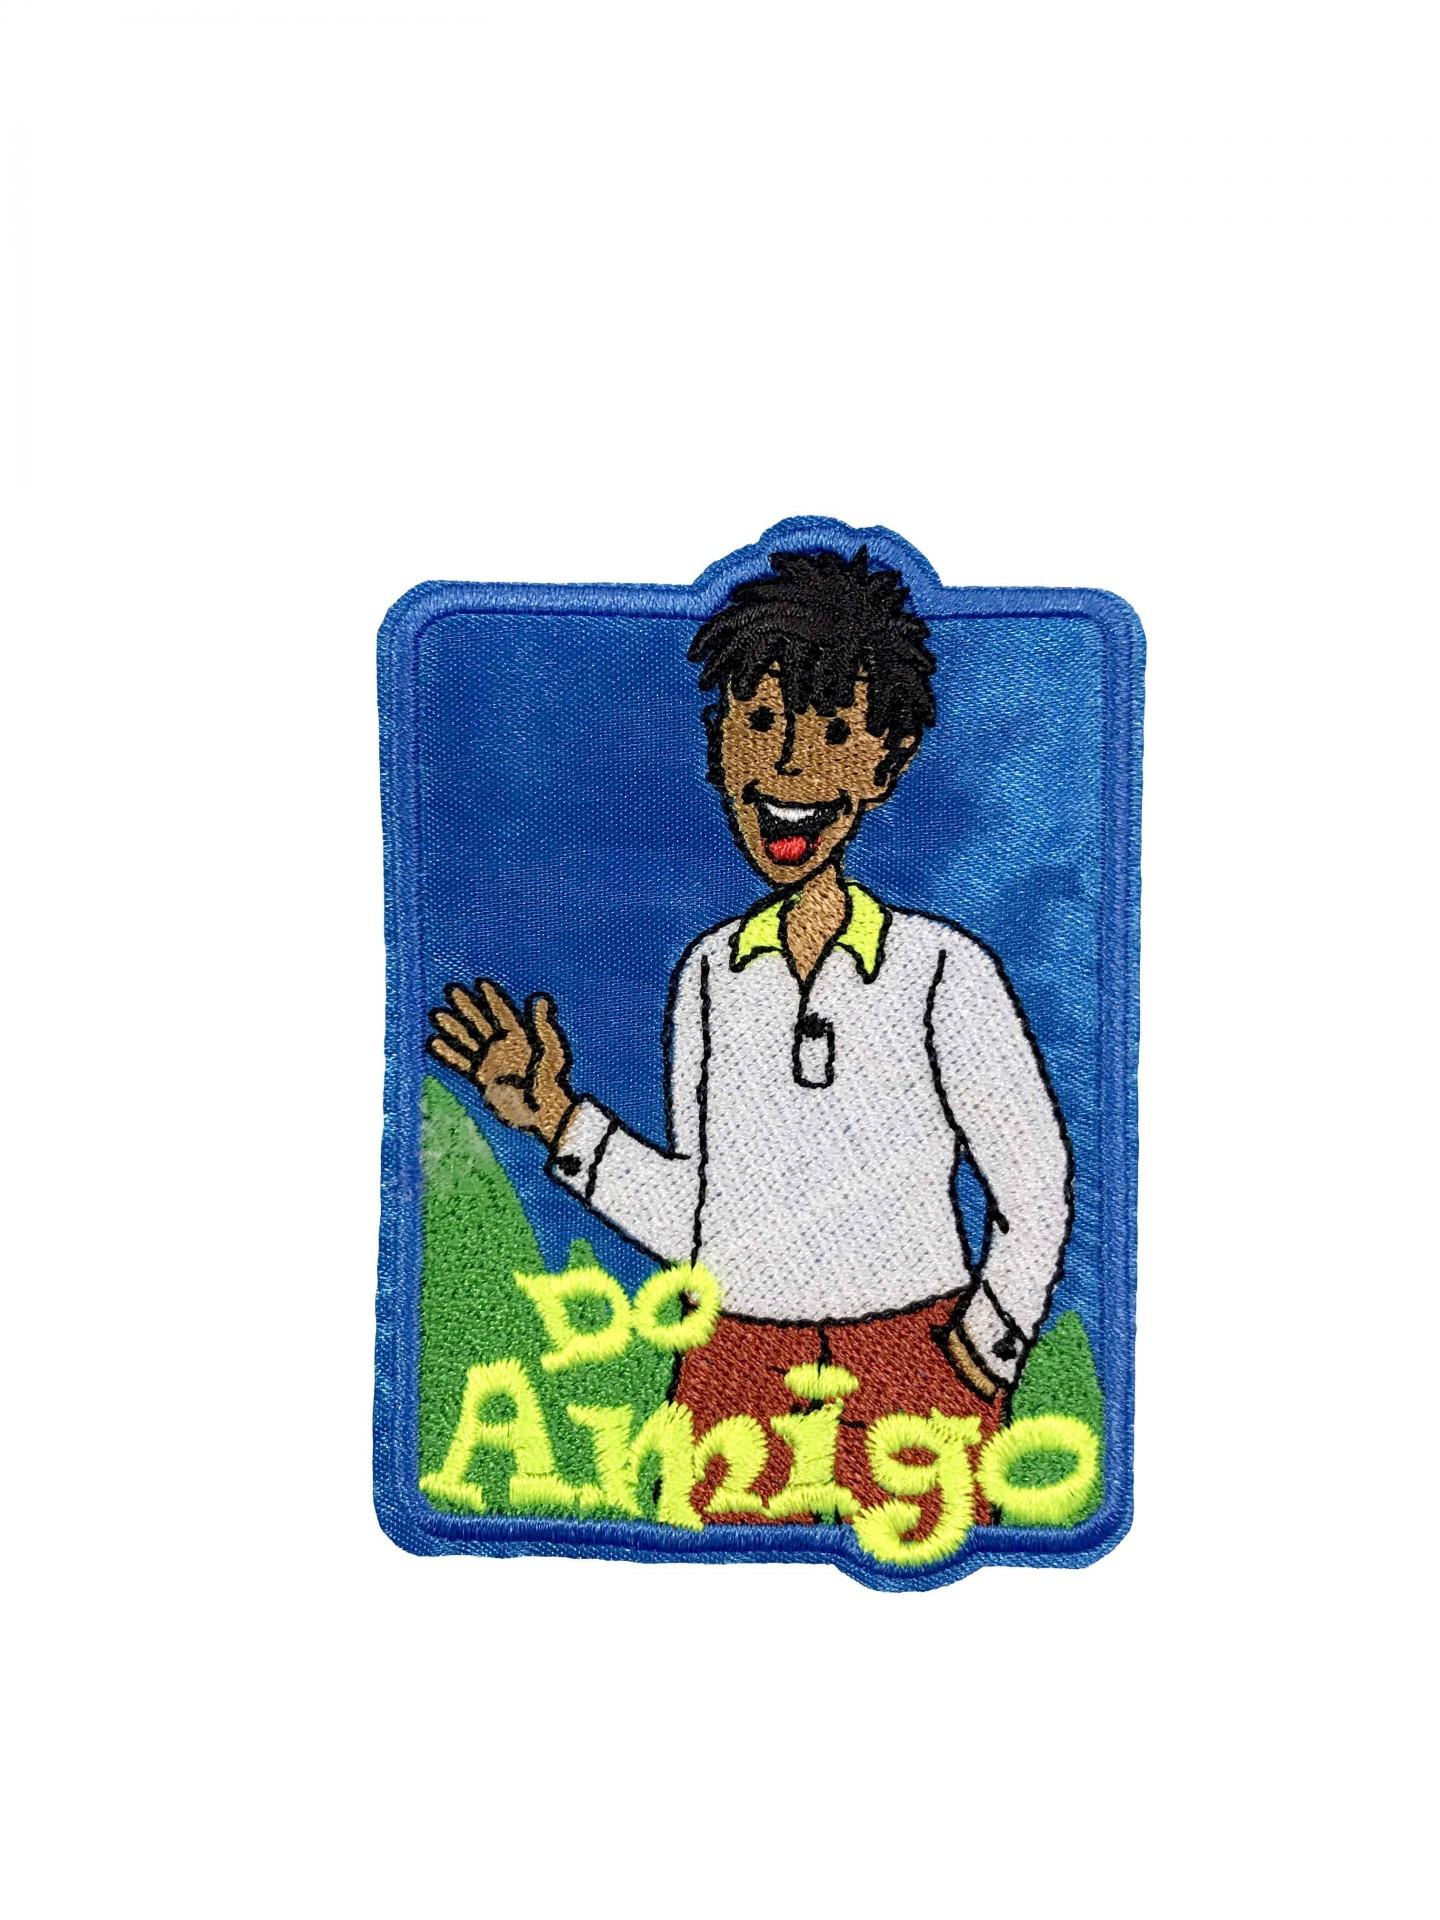 Emblema Amigo